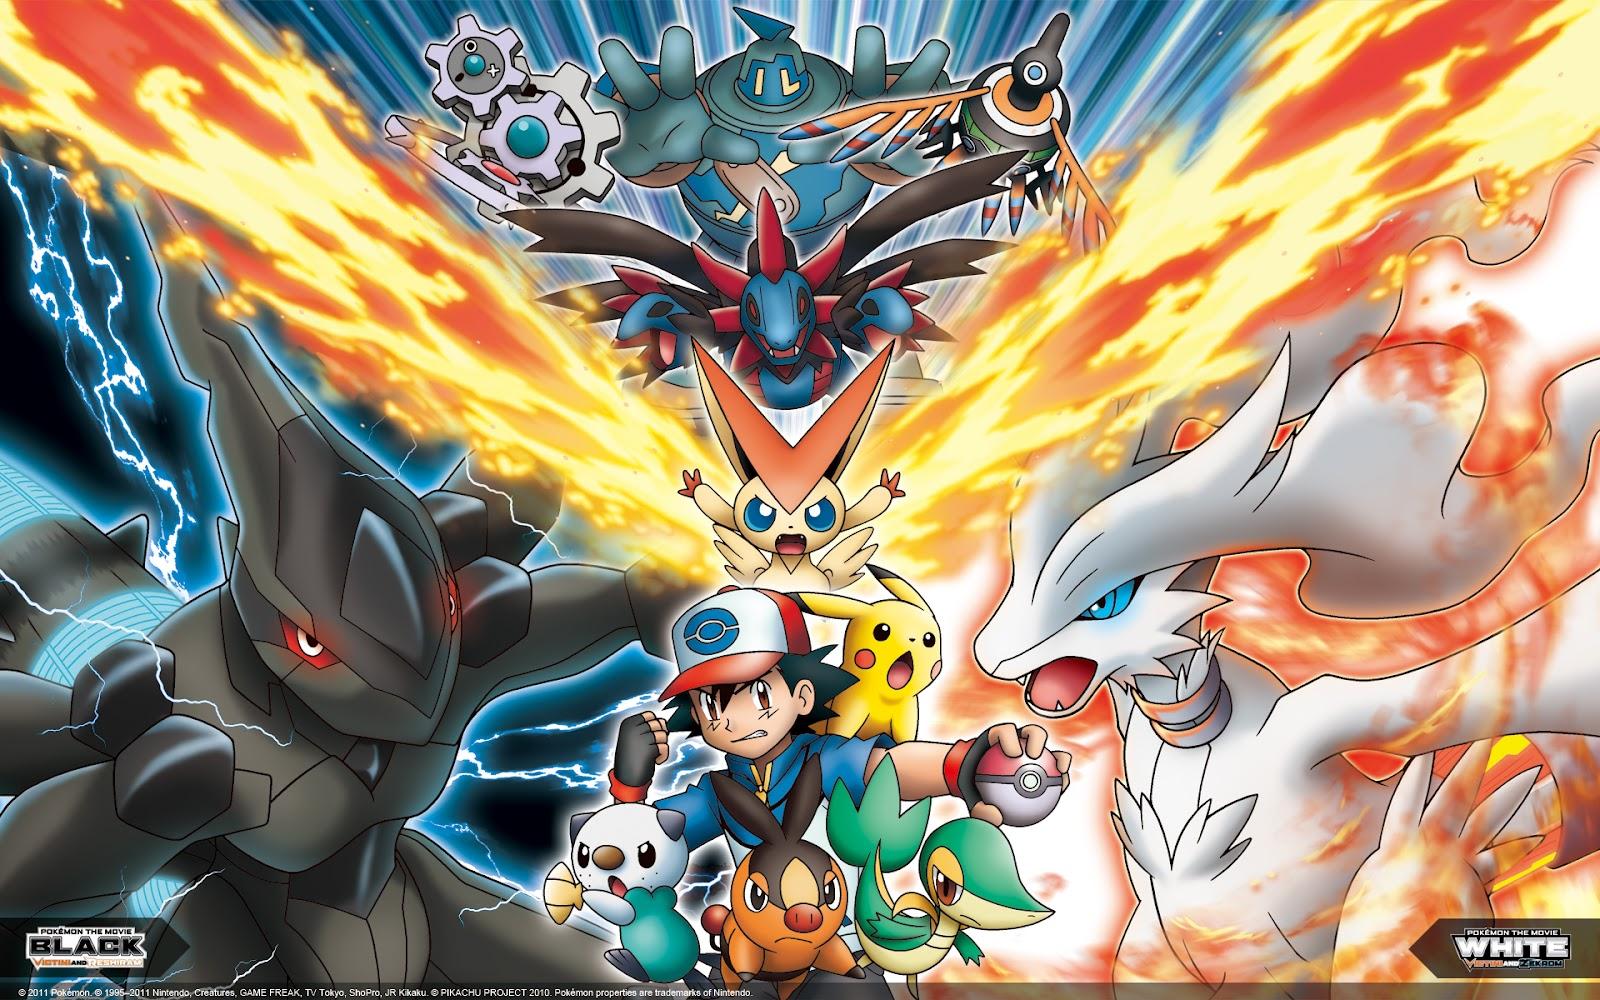 Anime 4k Wallpaper: Wallpapers Anime: Pokémon Black E White (HD